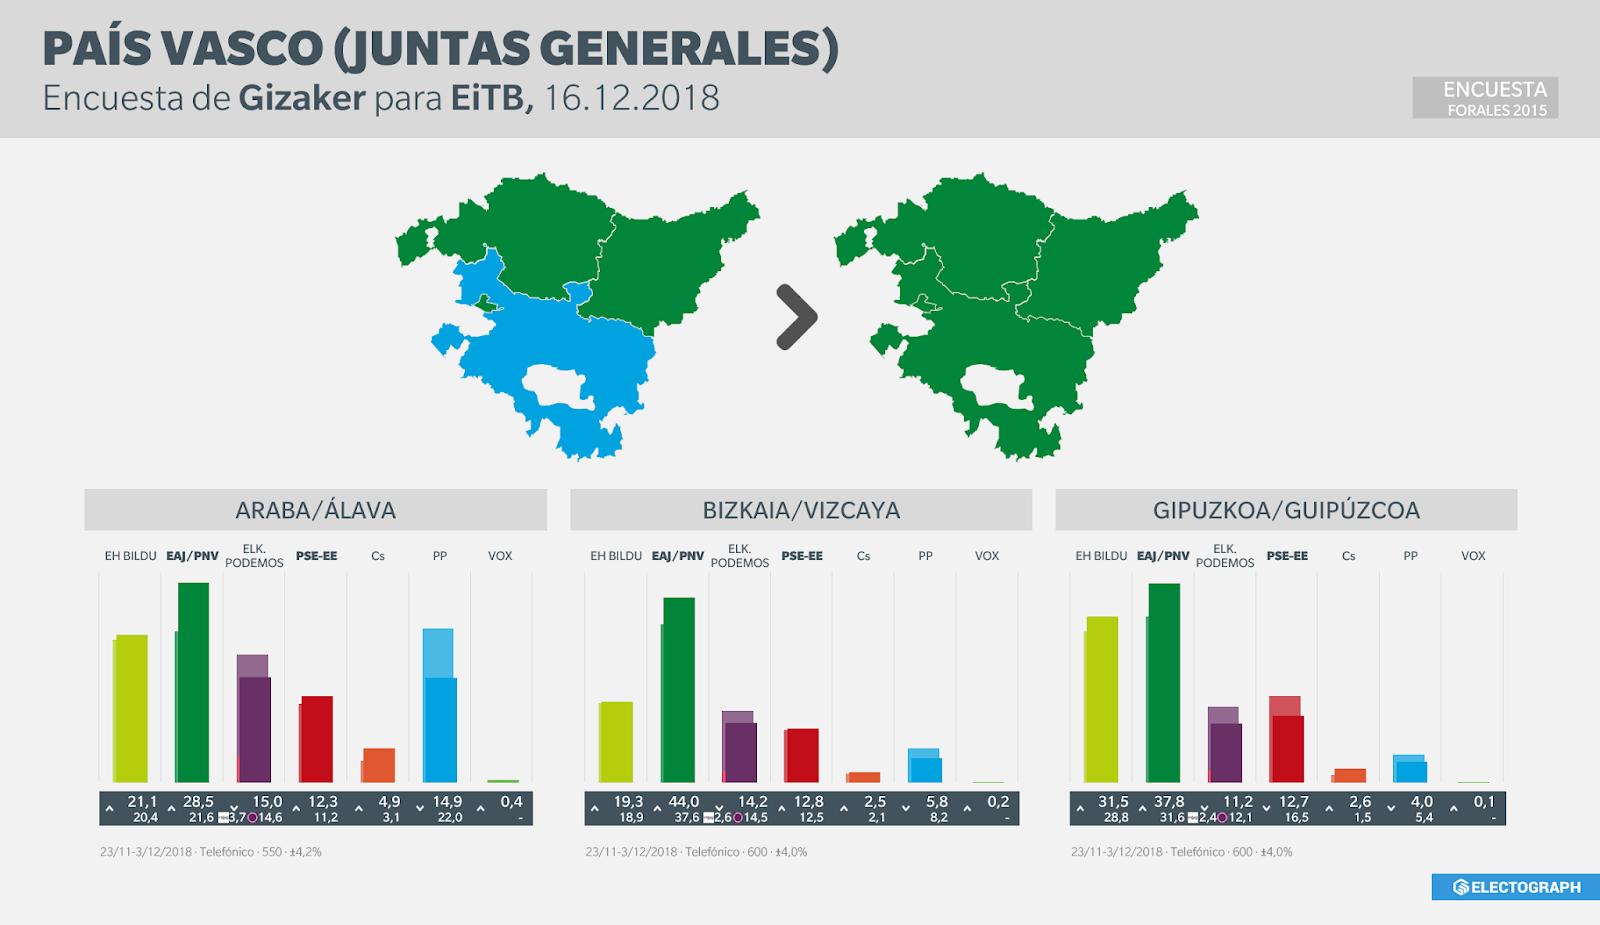 Gráfico de la encuesta para elecciones a Juntas Generales del País Vasco realizada por Gizaker para EiTB, 16 de diciembre de 2018